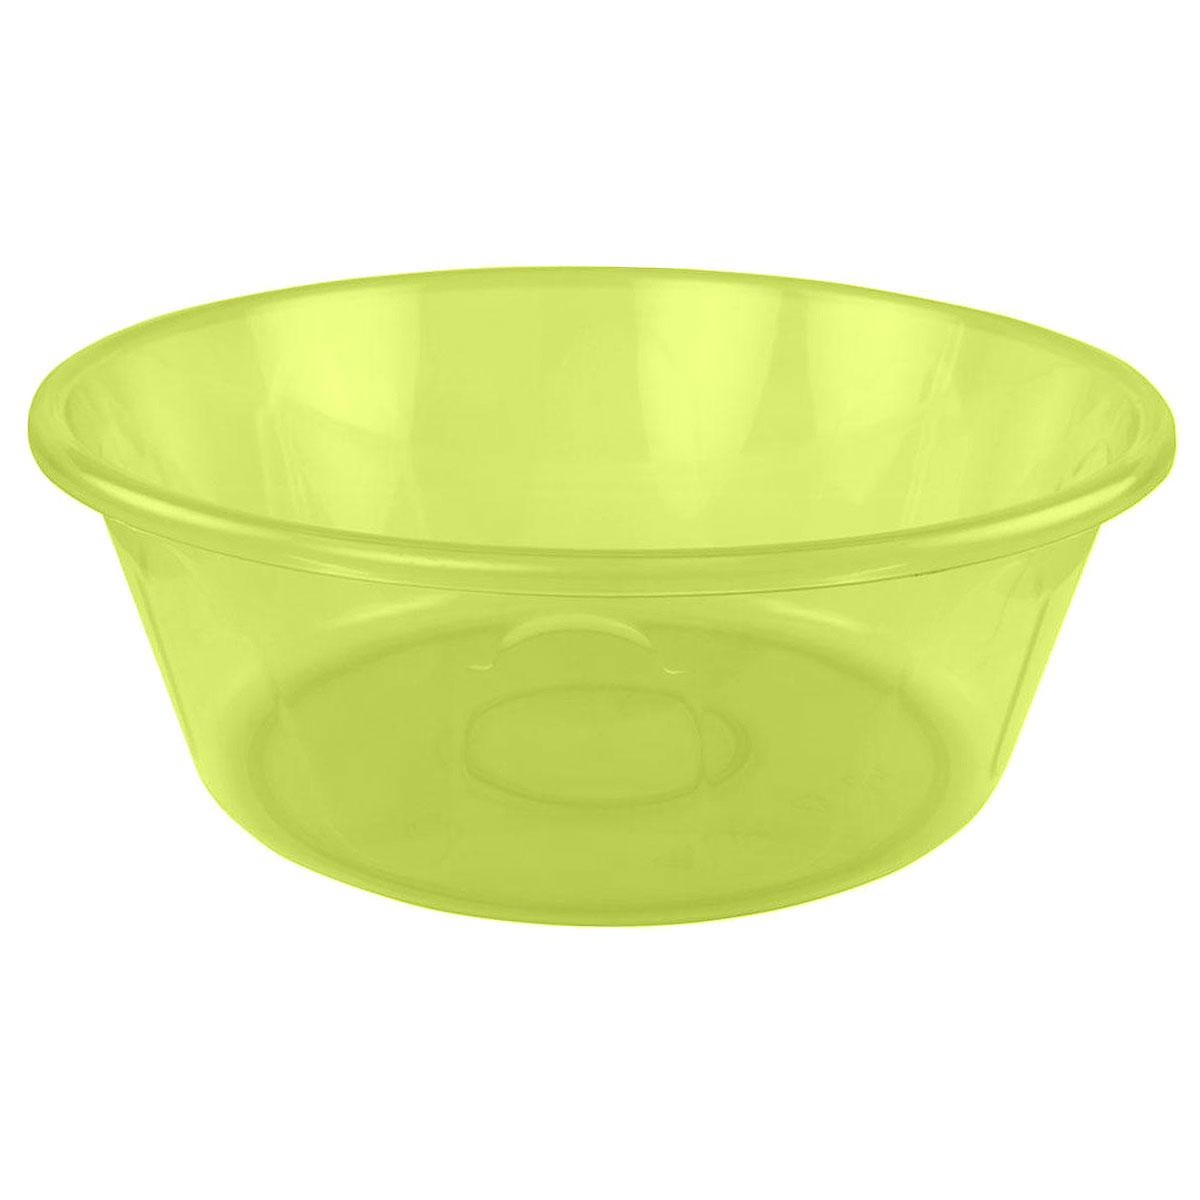 Таз Альтернатива Хозяюшка, цвет: желтый, 15 лS03301004Таз Альтернатива Хозяюшка изготовлен из высококачественного полупрозрачного пластика. Он выполнен в классическом круглом варианте. По бокам имеются удобные углубления, которые обеспечивают удобный захват. Таз предназначен для стирки и хранения разных вещей. Он пригодится в любом хозяйстве.Диаметр (по верхнему краю): 43 см. Высота: 16 см.